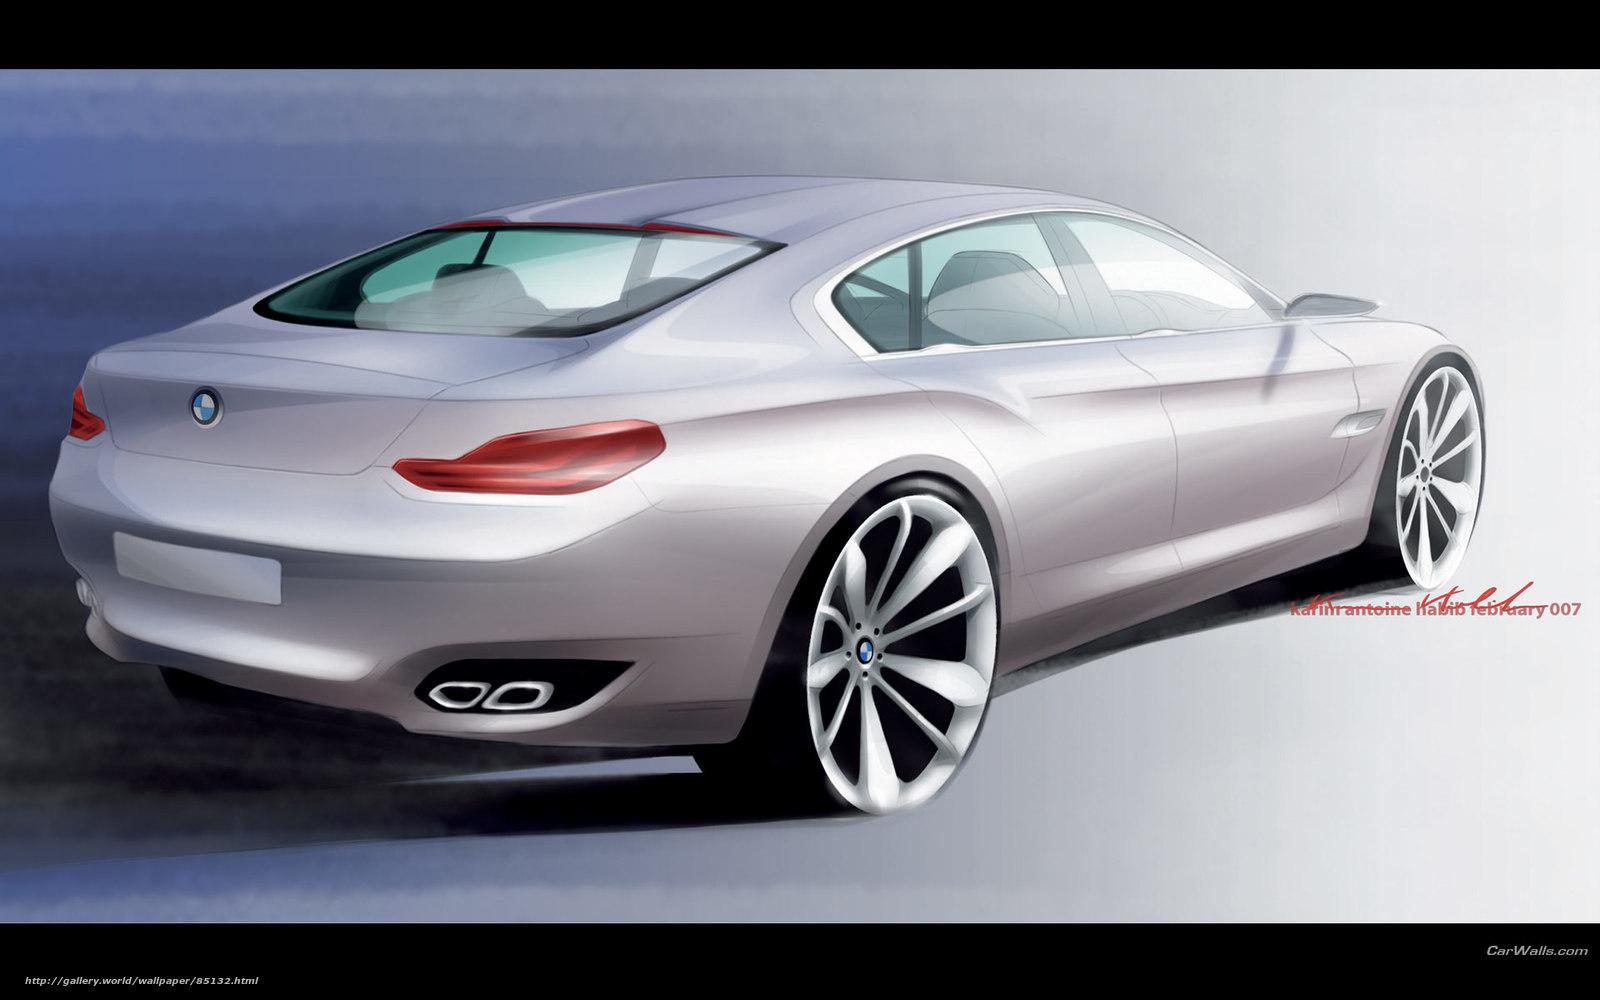 Скачать обои BMW,  Concept CS,  авто,  машины бесплатно для рабочего стола в разрешении 1920x1200 — картинка №85132